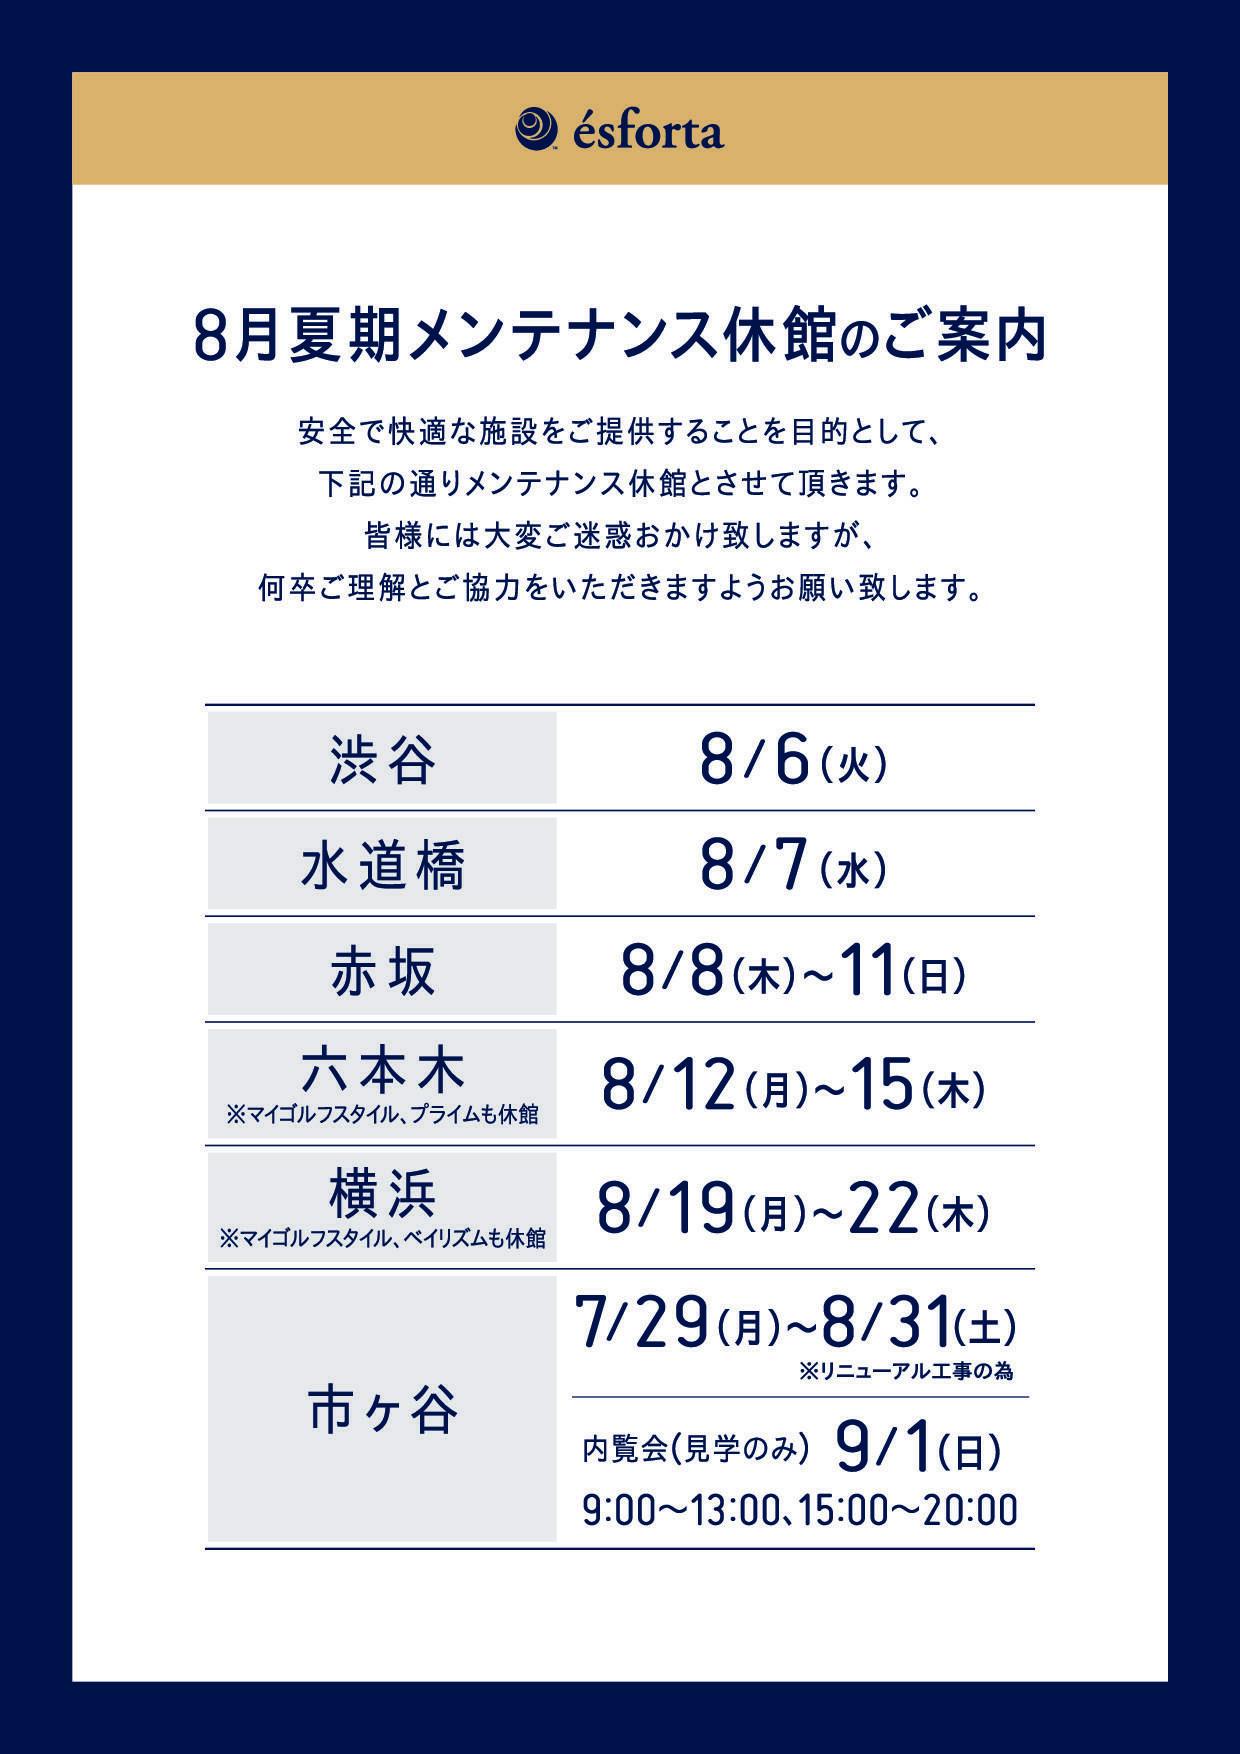 2019夏期休館日掲示用_p001.jpg